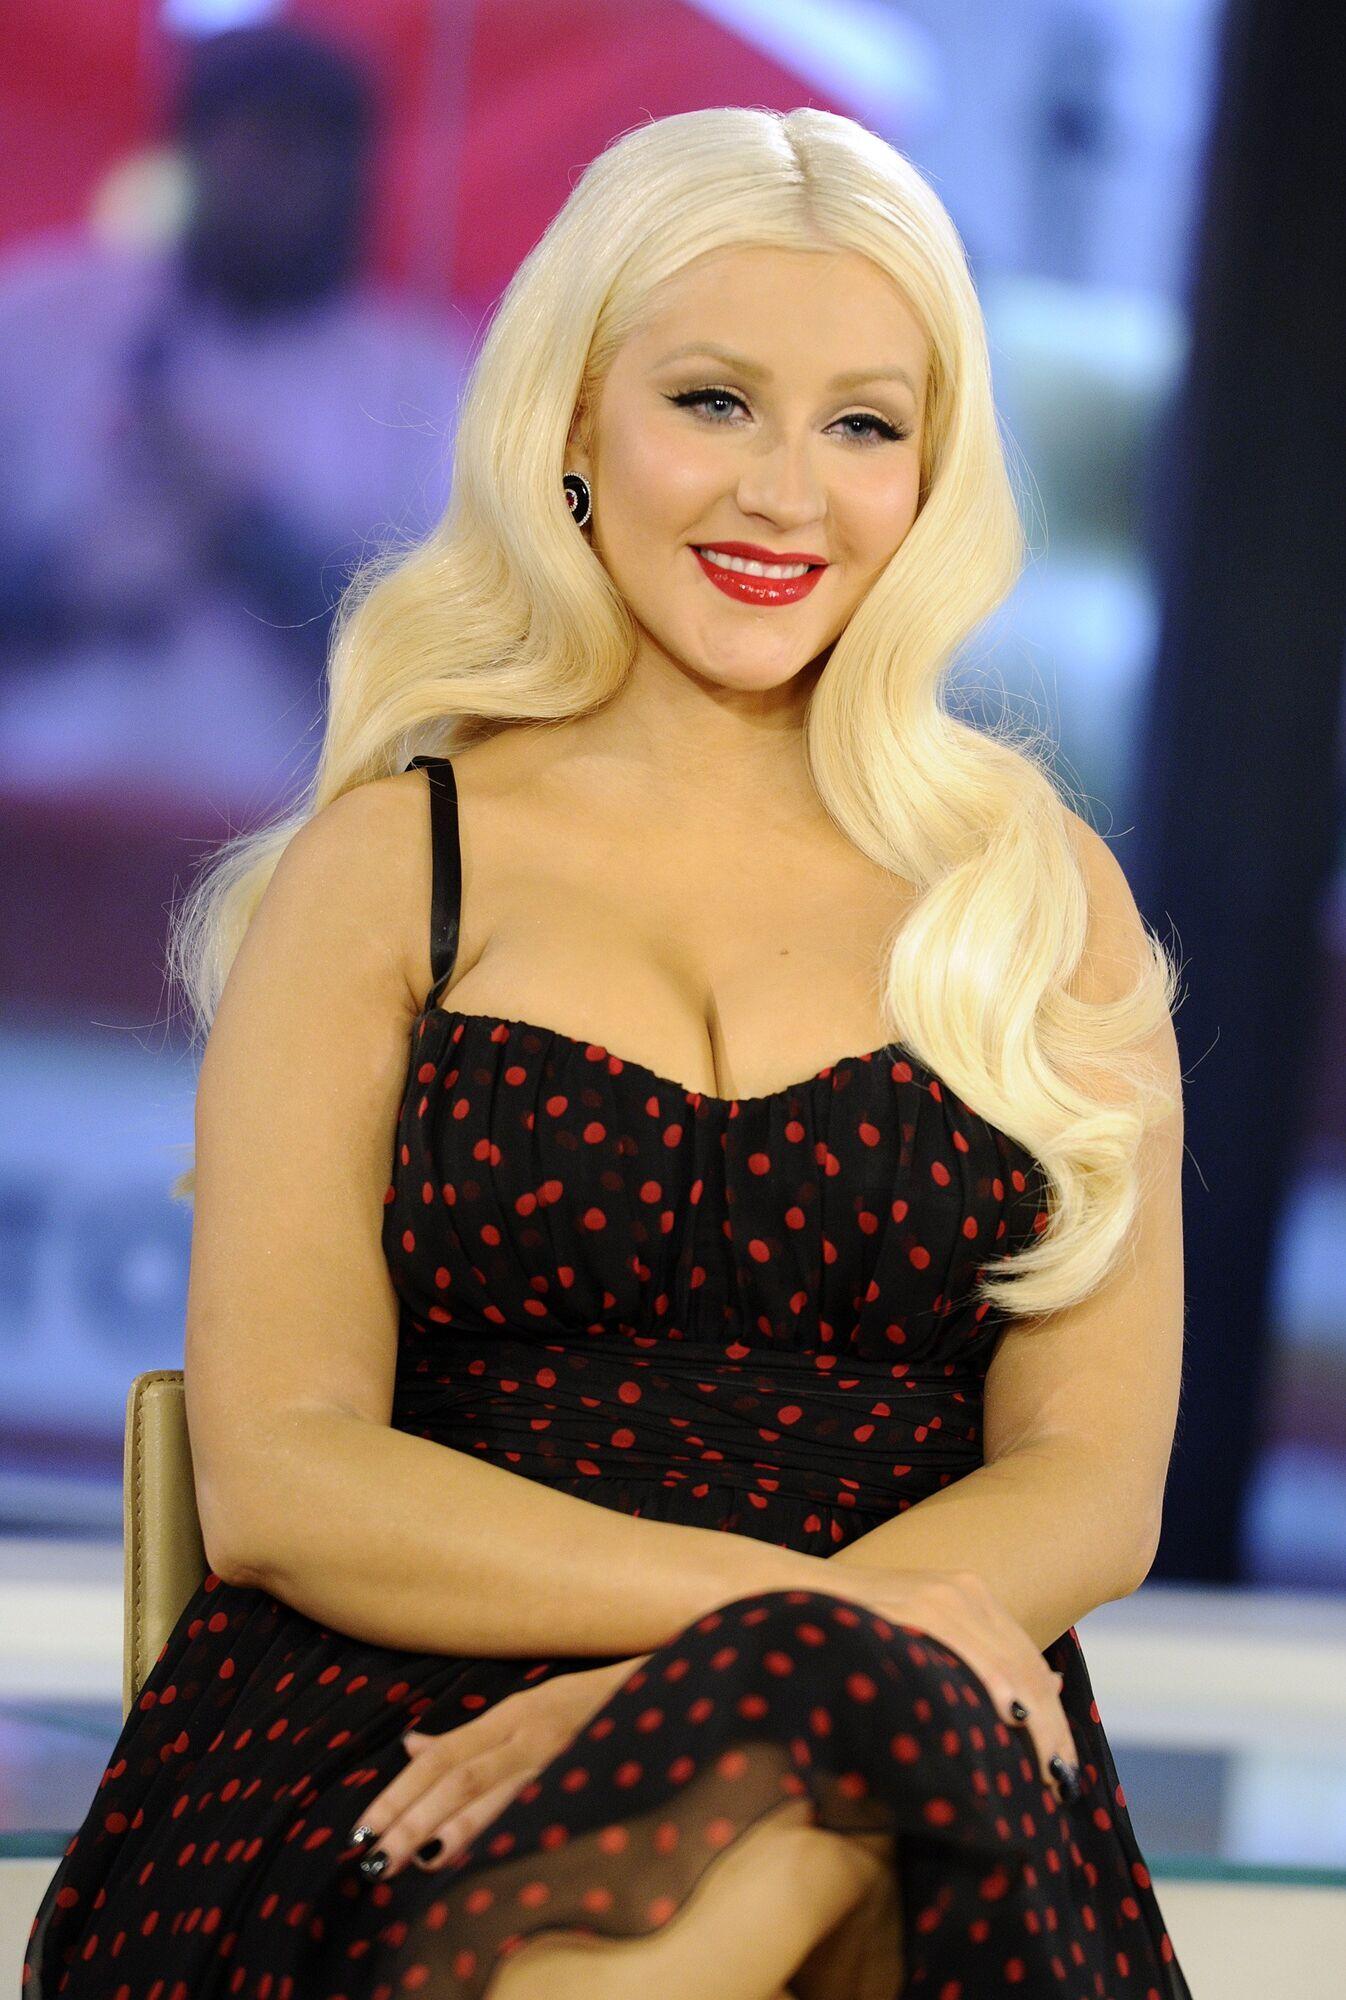 1999 року вона випустила дебютний альбом Christina Aguilera, який очолив американські хіт-паради